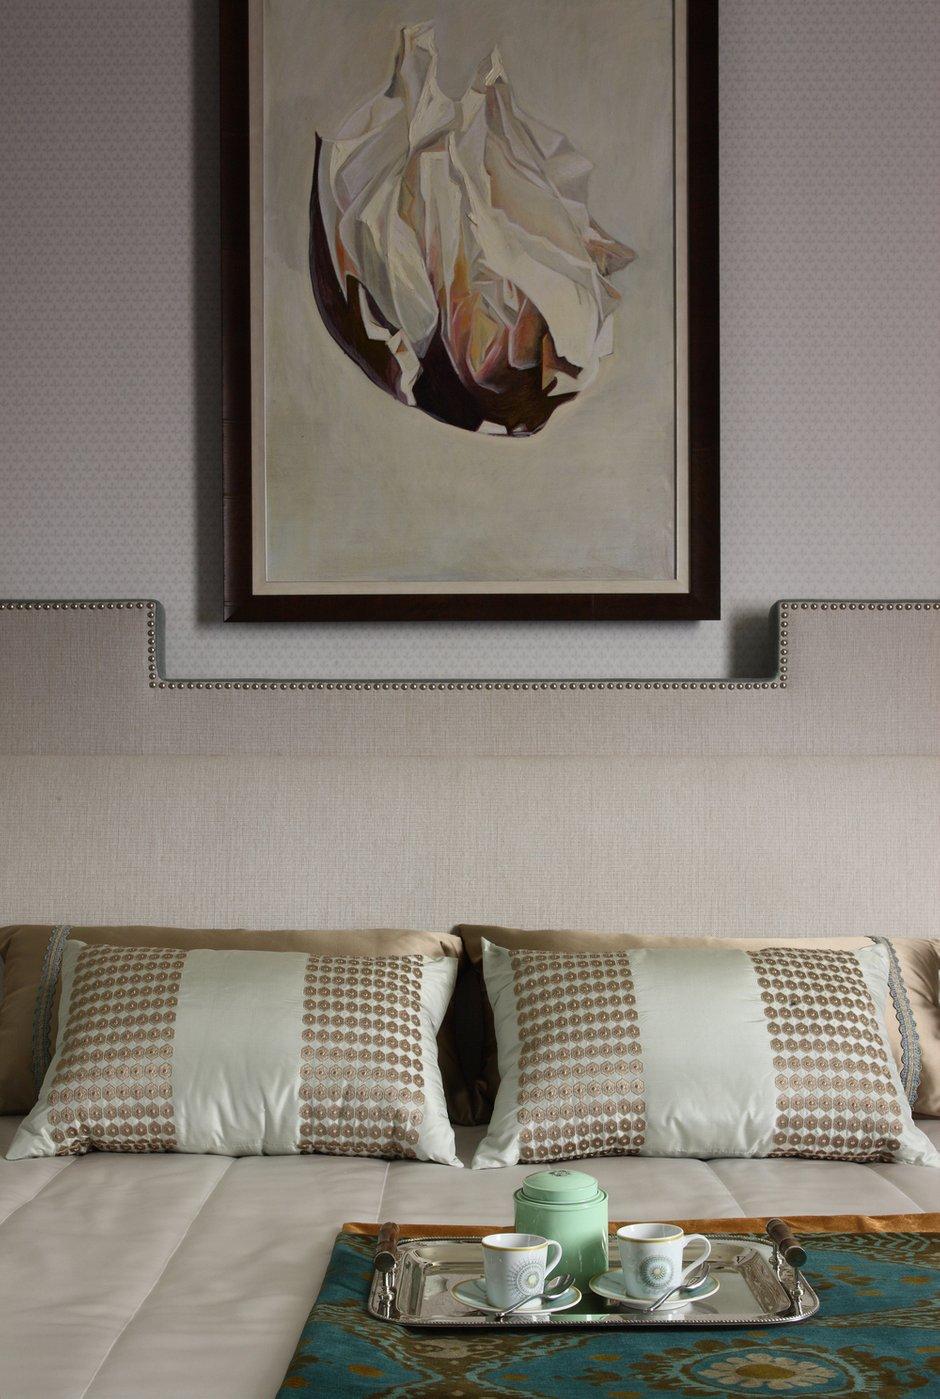 Фотография: Спальня в стиле Классический, Современный, Квартира, BOSCH, Проект недели, Москва, Лена Ленских, Manders, ЖК «Доминион» – фото на INMYROOM